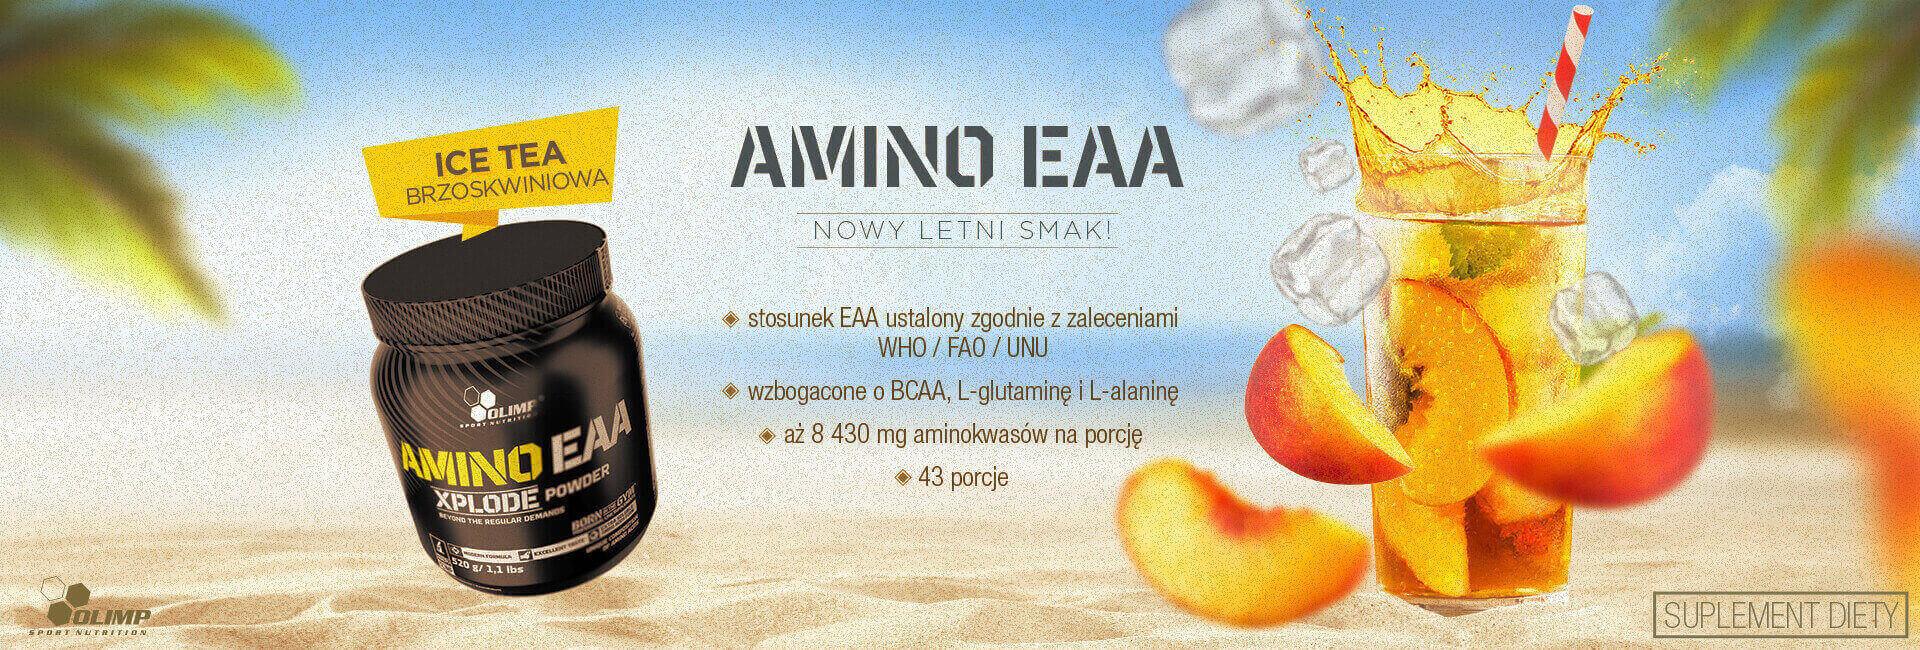 Amino EAA ice teapeach